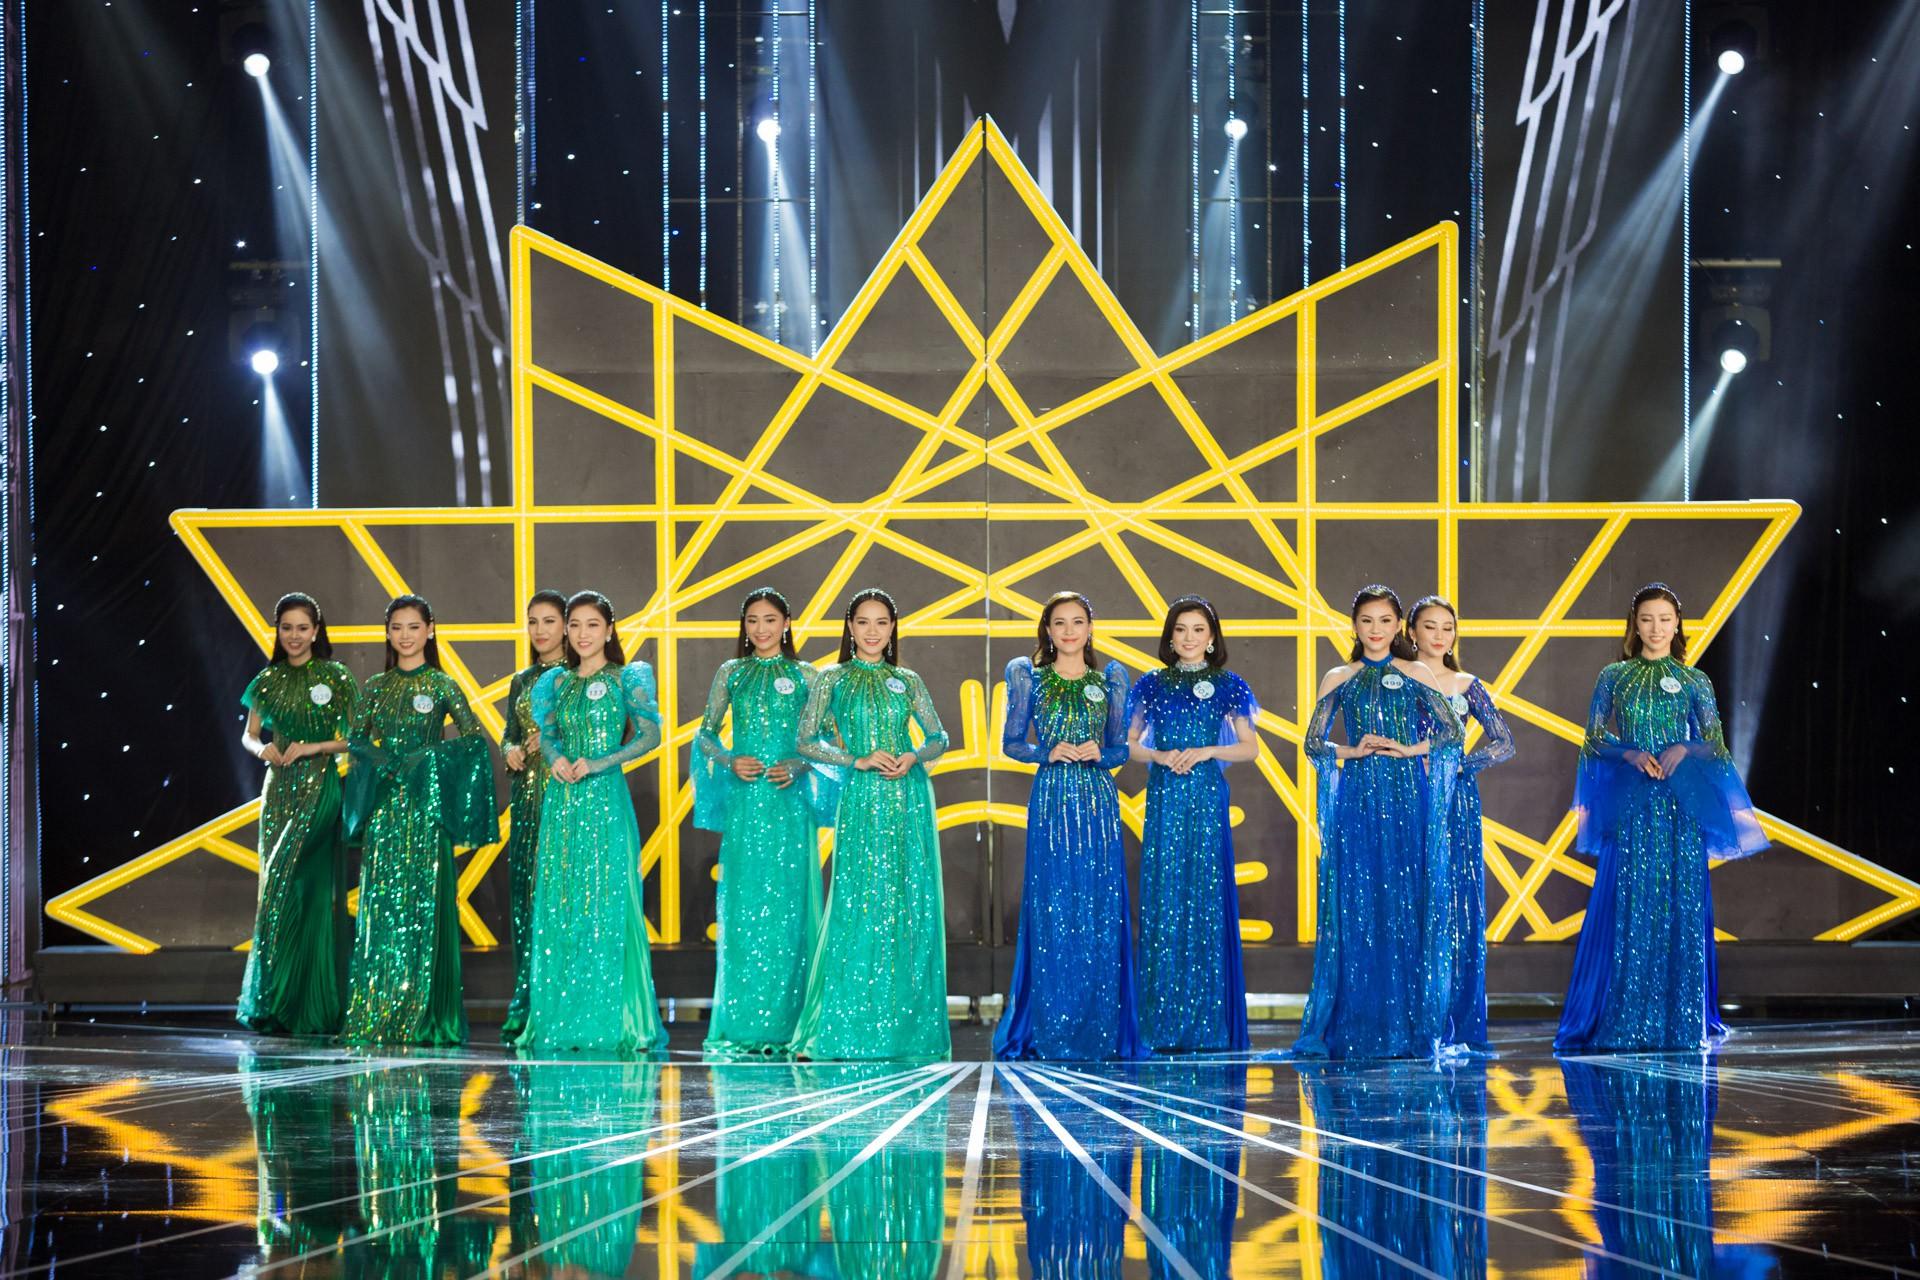 Đọ sắc vóc 20 mỹ nhân lọt Top, chạm gần tới tấm vé kế nhiệm Tiểu Vy lên đường đến Thái thi Miss World 2019 - Ảnh 12.